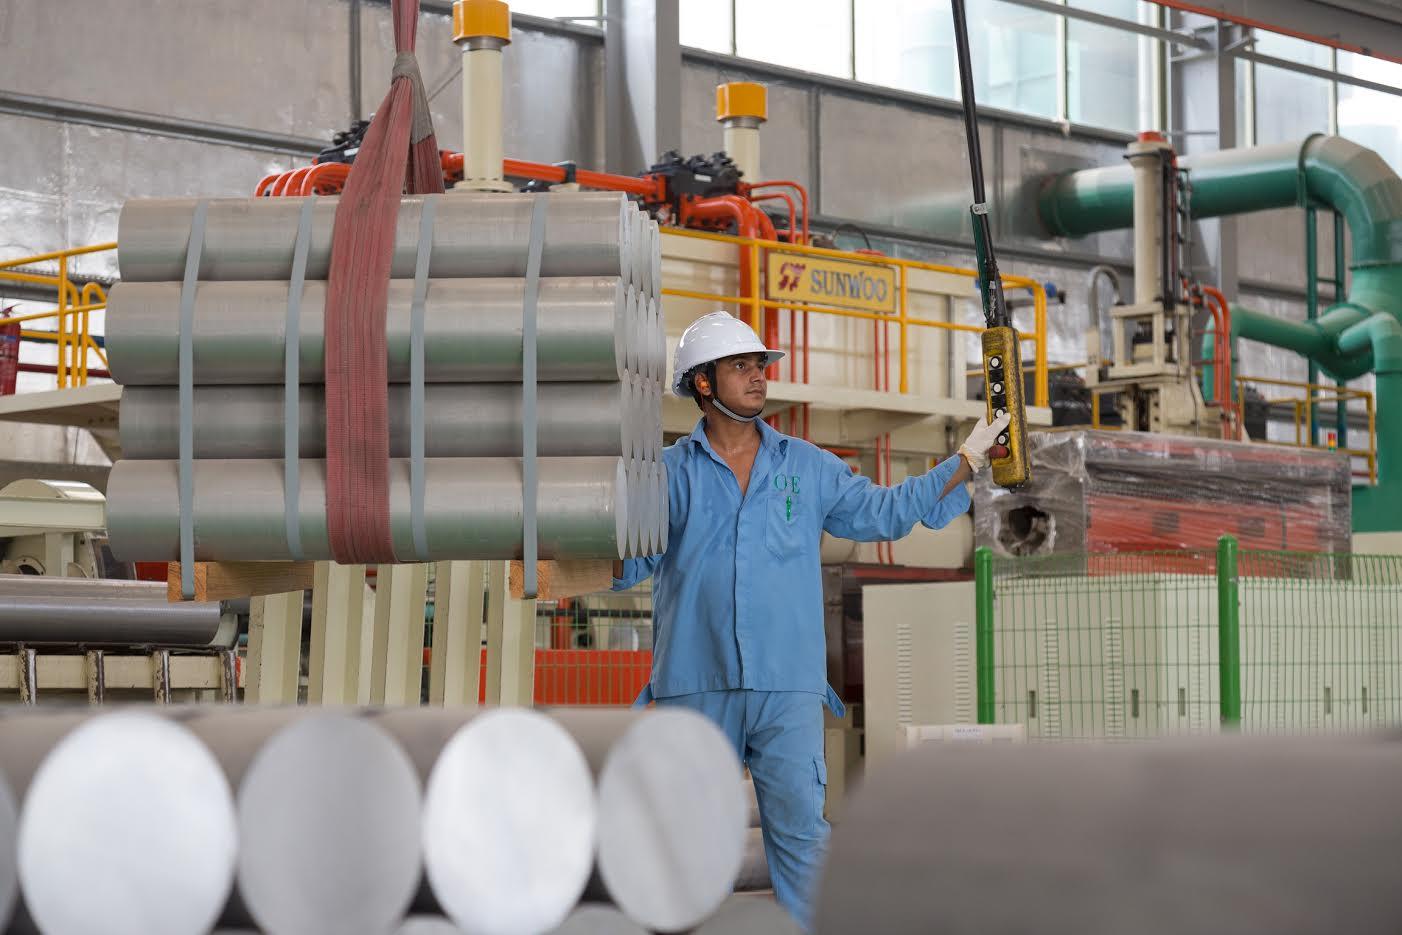 وحدات من المستودعات للتأجير في مجمع دبي الصناعي